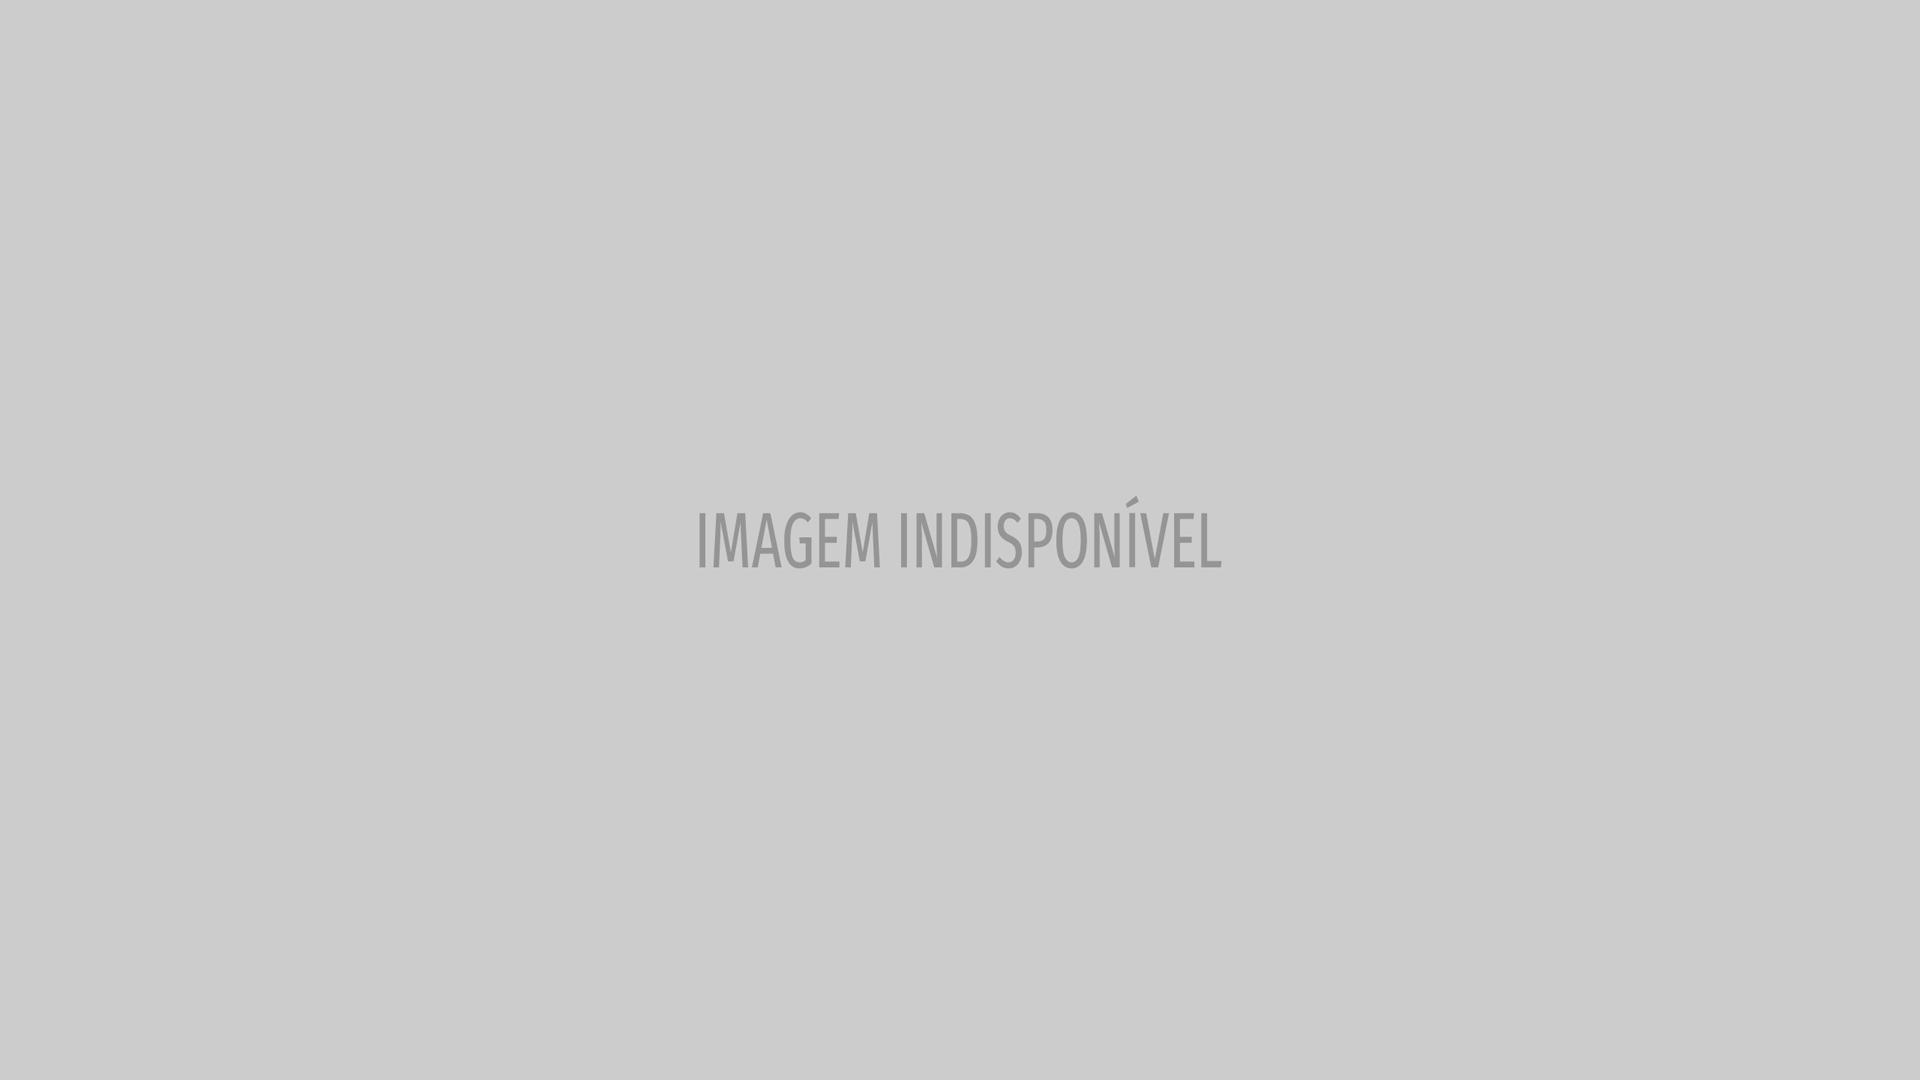 """""""Está tudo bem?"""": Sara Matos tranquiliza fãs após publicar frase suspeita"""